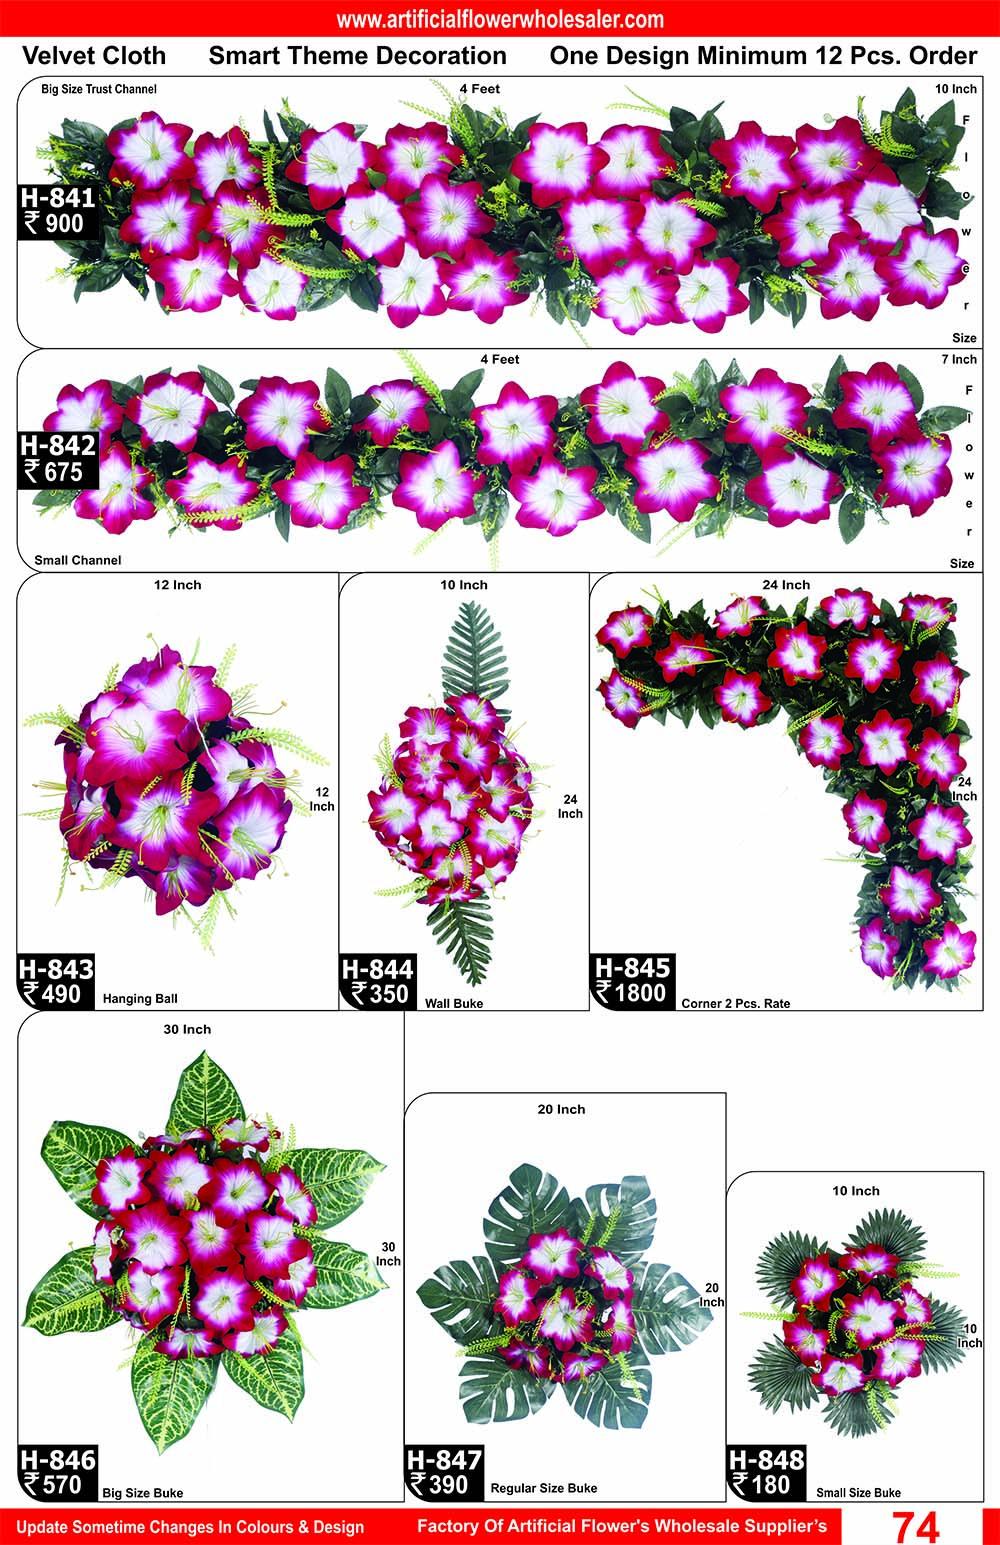 74-artificial-flower-wholesaler